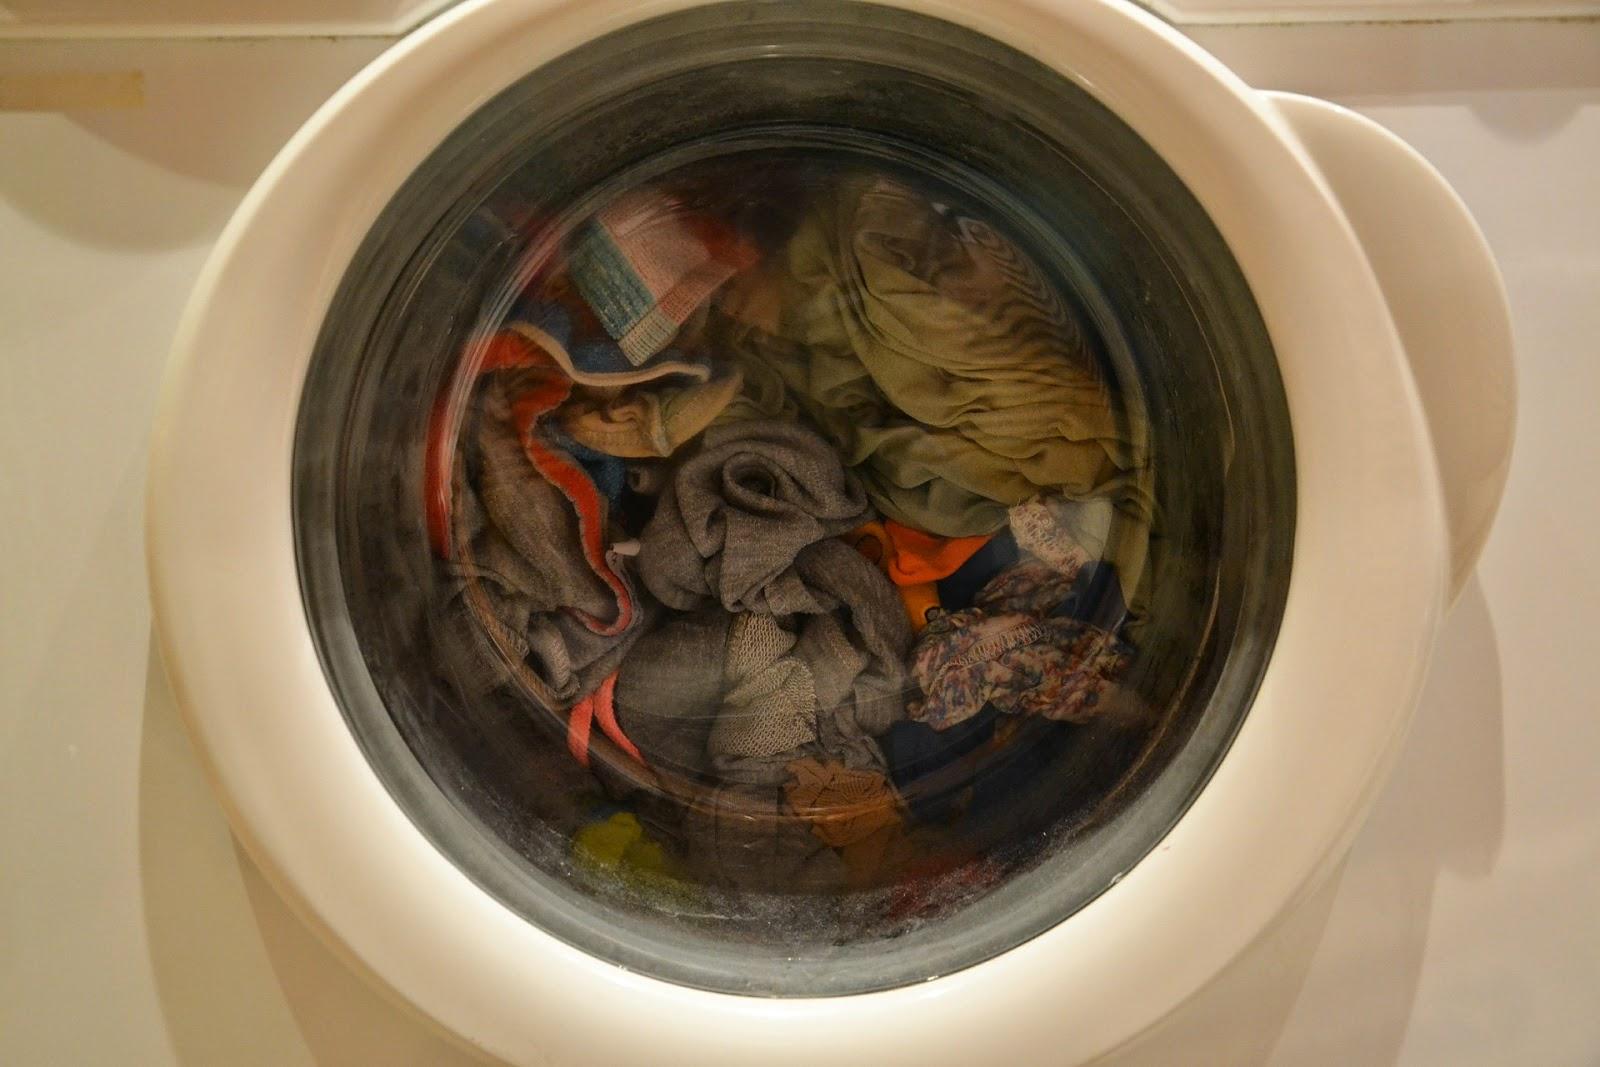 Πώς βγαίνει ο λεκές από σκουριά από τα ρούχα;